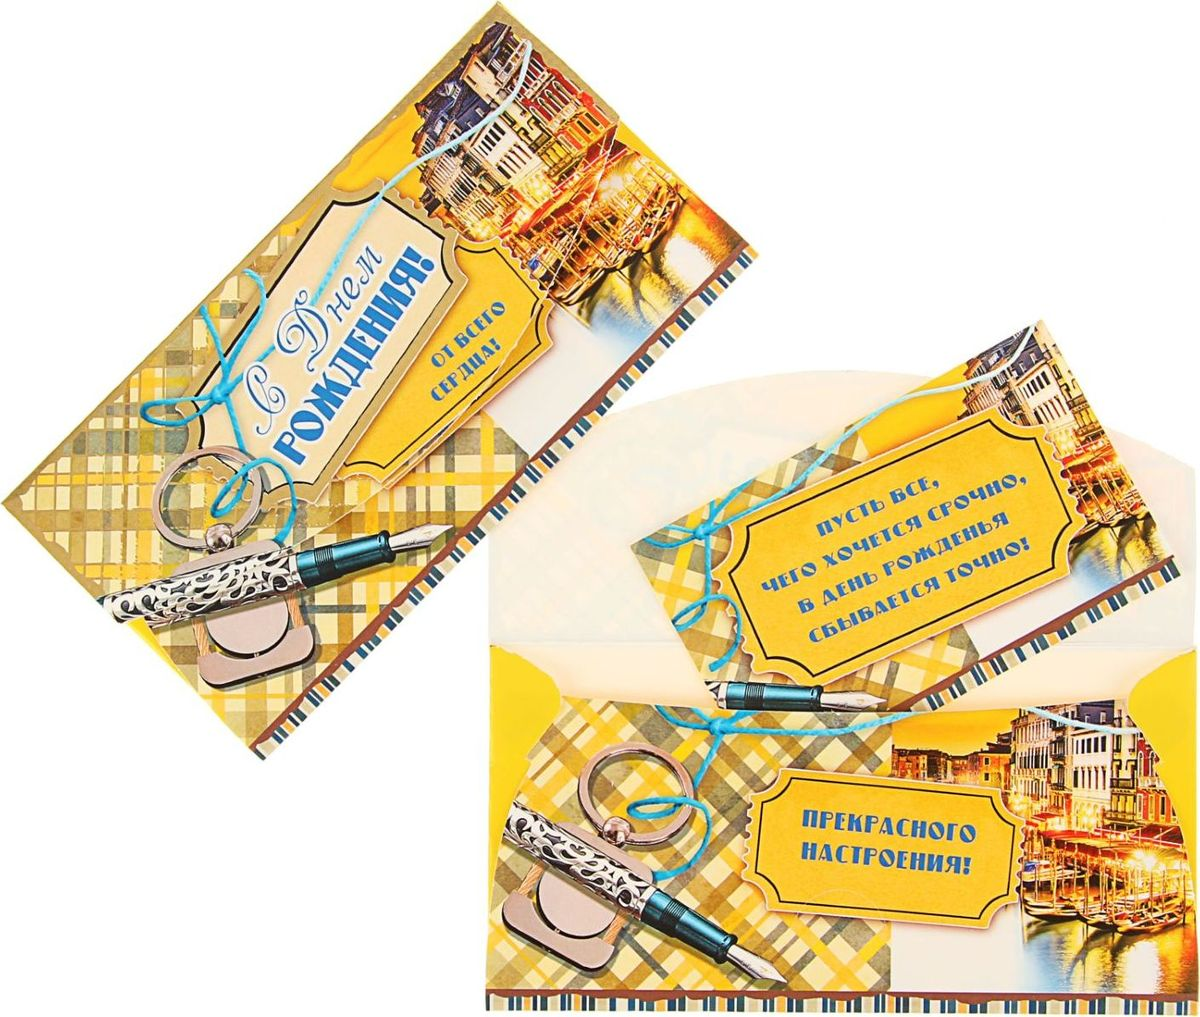 Конверт для денег Русский дизайн С Днем Рождения! Набережная, ручка, 16,5 х 8,5 см1865525Невозможно представить нашу жизнь без праздников! Мы всегда ждём их и предвкушаем, обдумываем, как проведём памятный день, тщательно выбираем подарки и аксессуары, ведь именно они создают и поддерживают торжественный настрой. Этот конверт для денег - отличный выбор, который привнесёт атмосферу праздника в ваш дом!